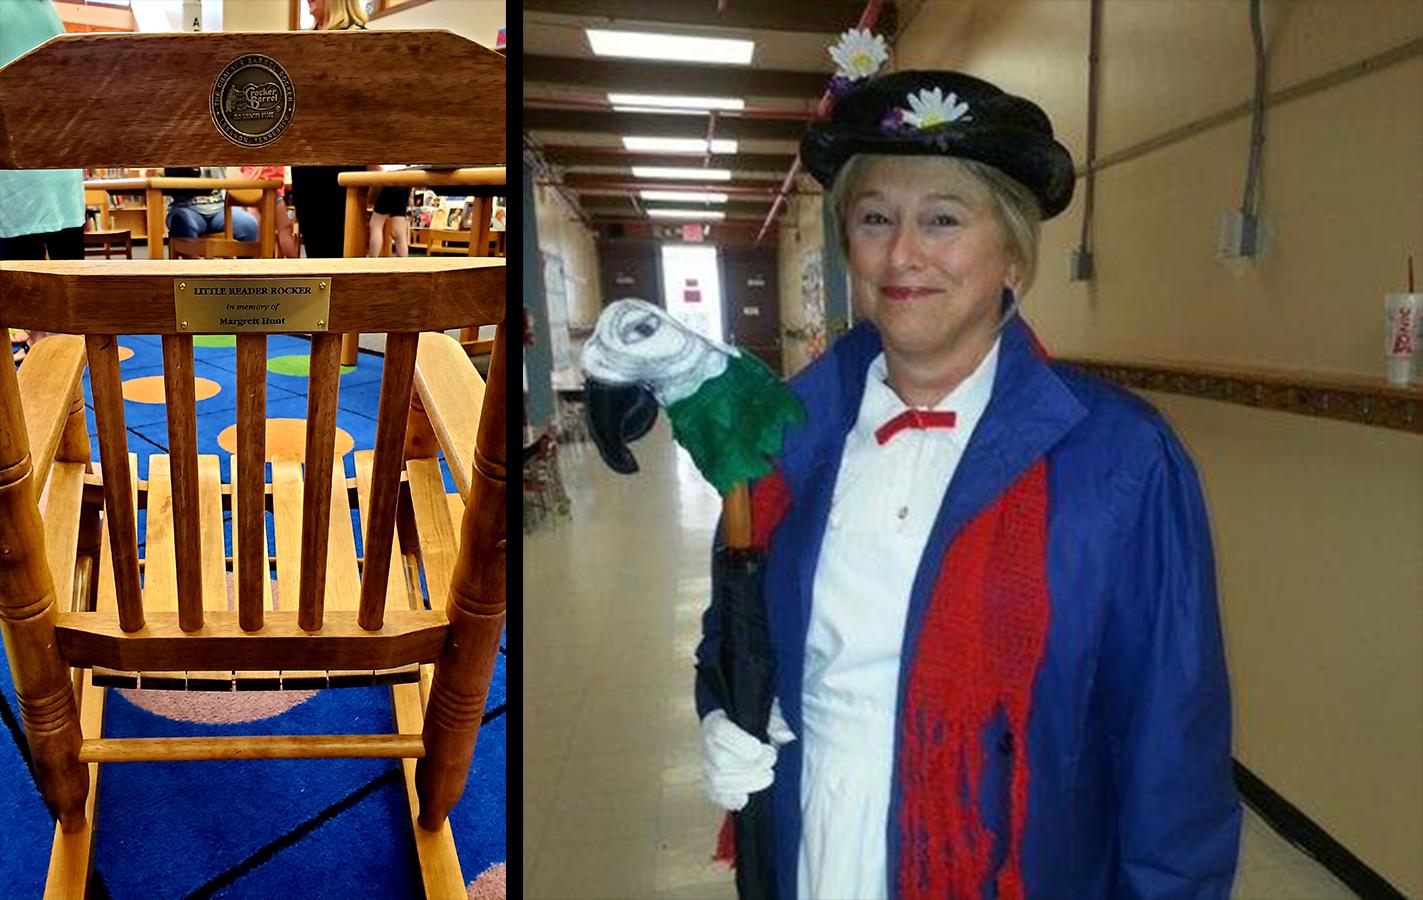 On Sept. 9, Adrian Burnett Elementary unveiled a 'Reader Rocker' chair in honor of former teacher Margrett Hunt.